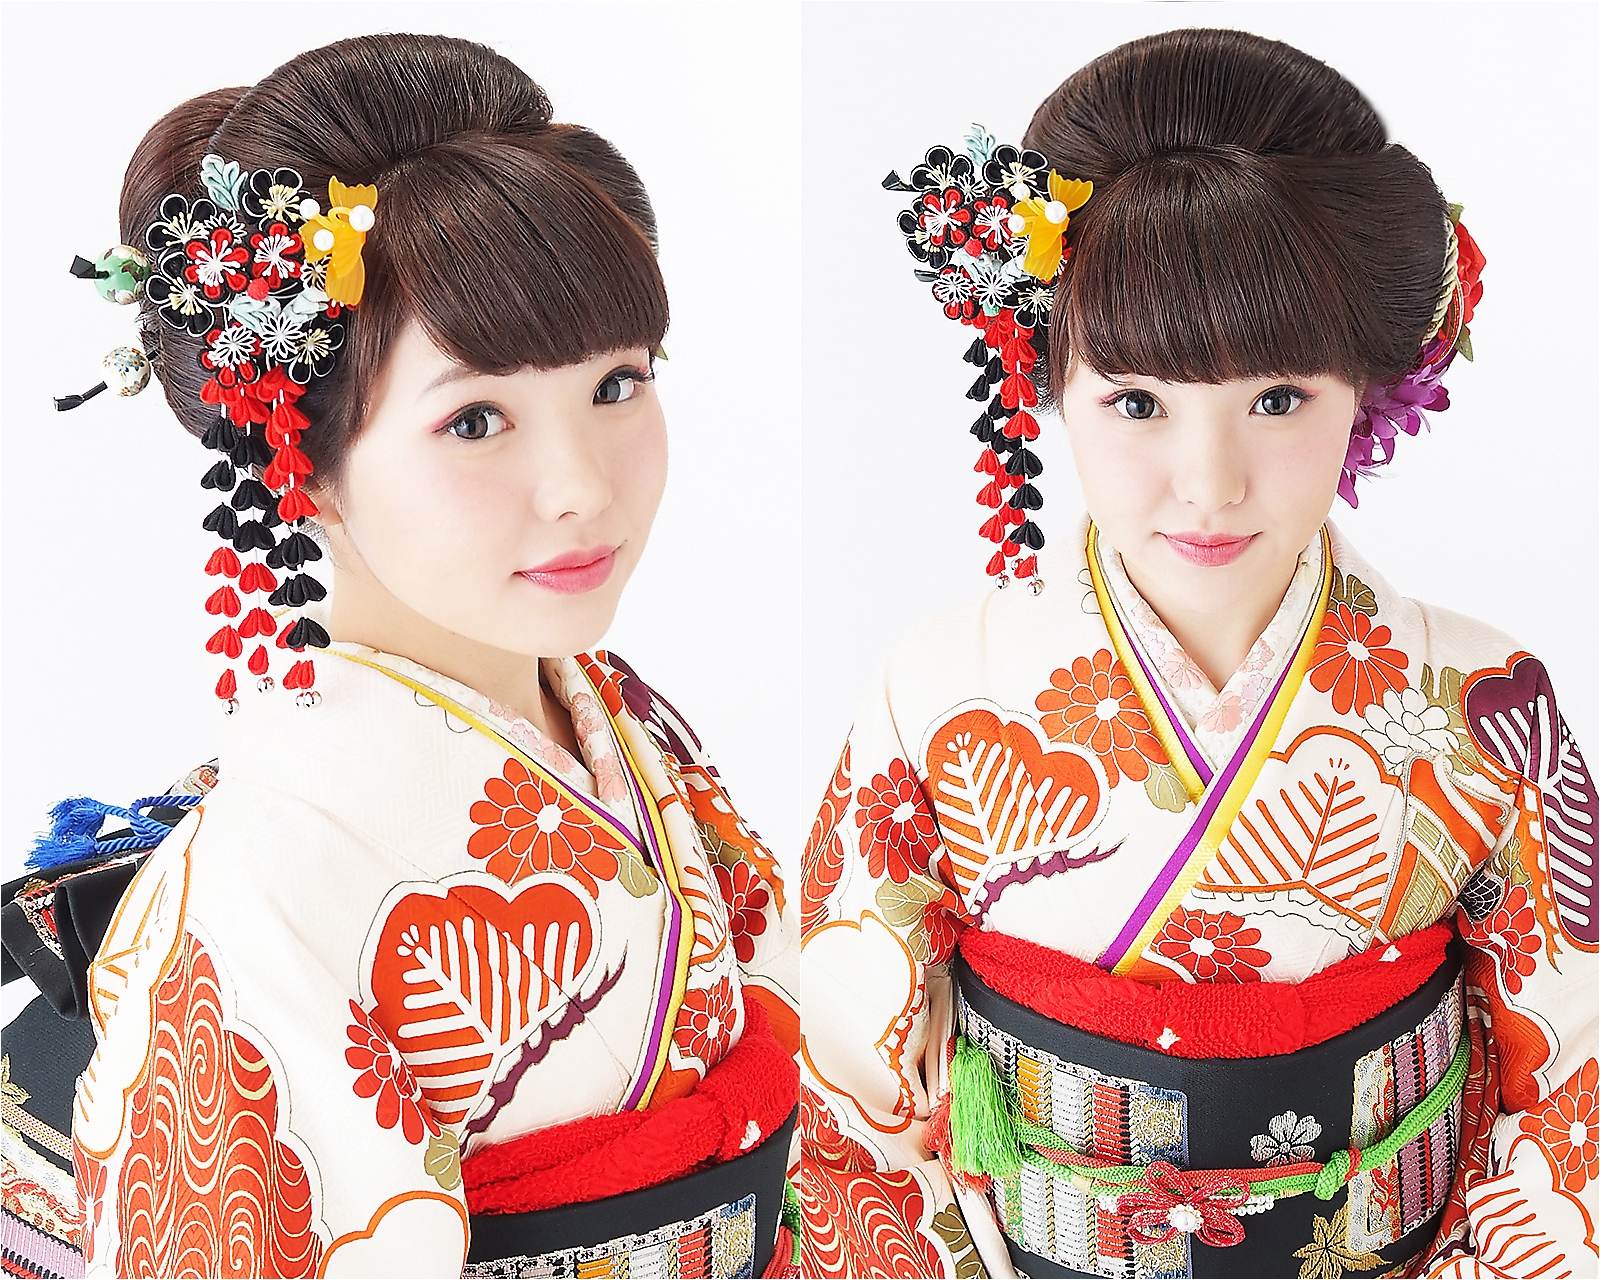 振袖ヘアの日本髪風アップスタイル